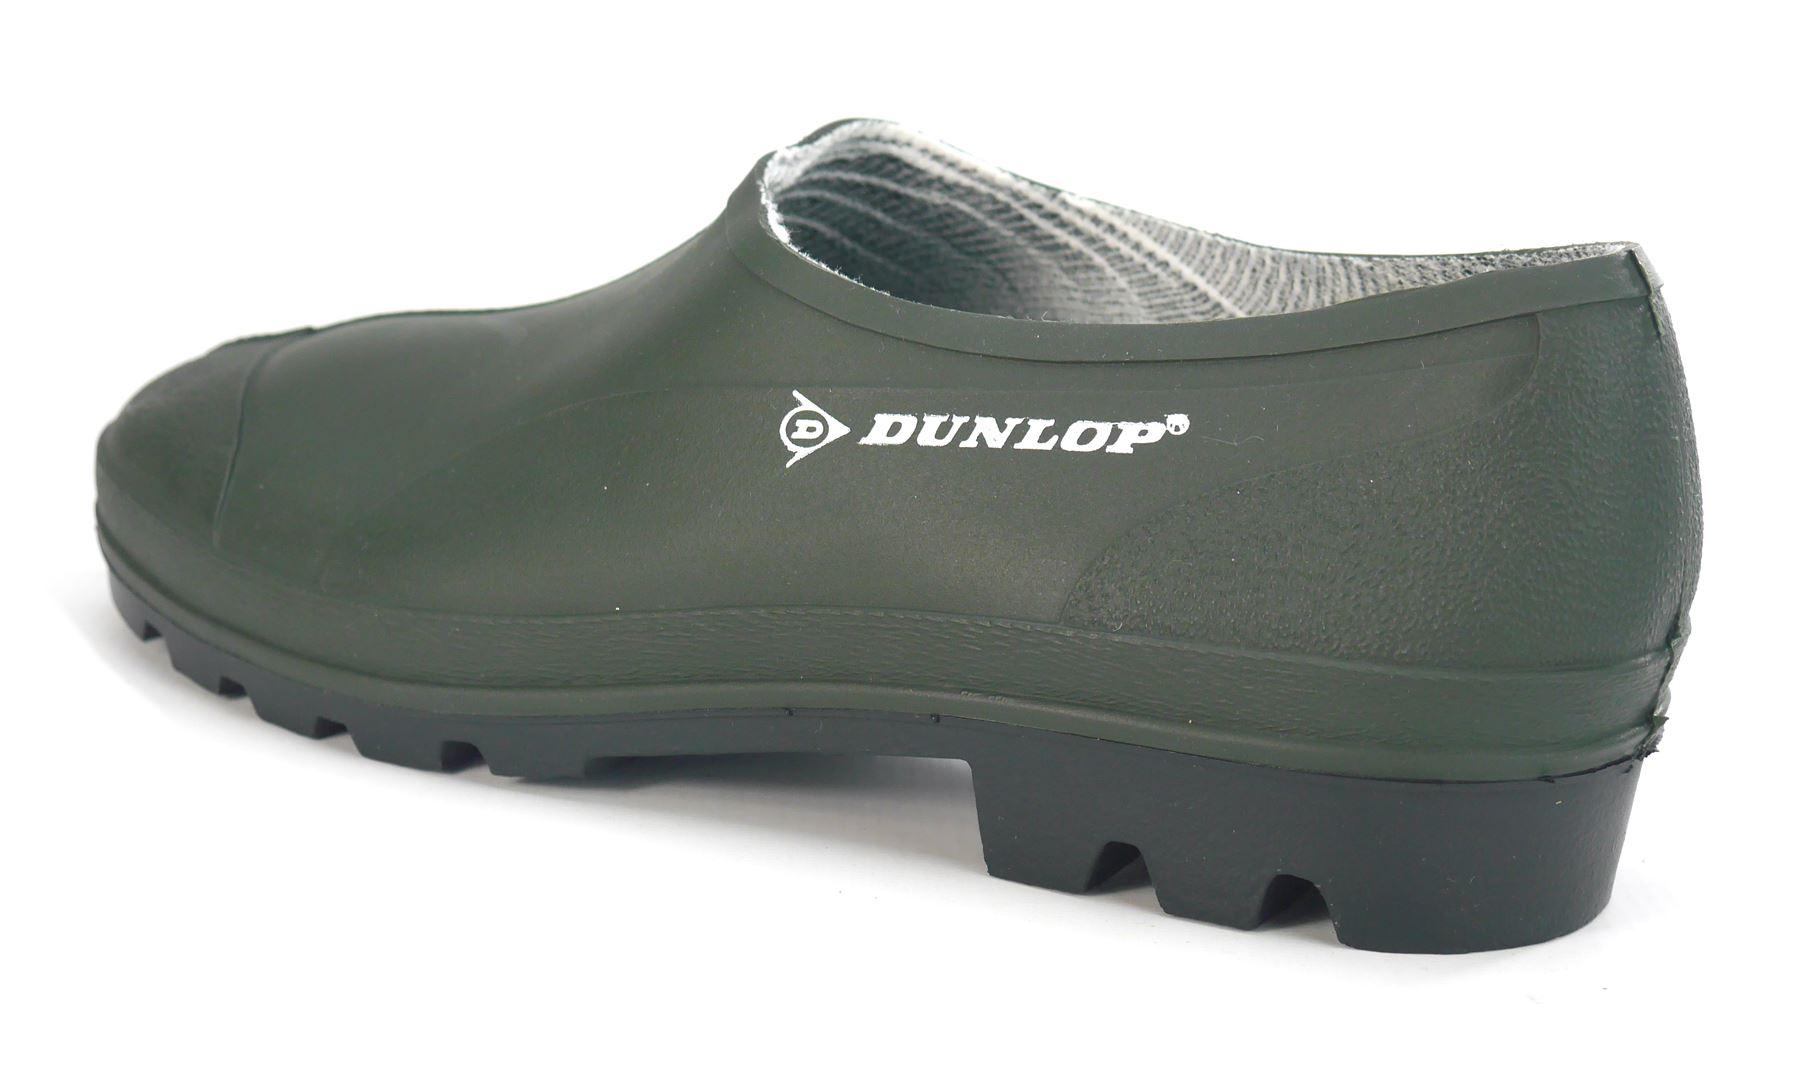 Détails Sur Dunlop Jardinage Sabots Pvc Chaussures Caoutchouc Bottes  Imperméables pour Chaussure Jardin